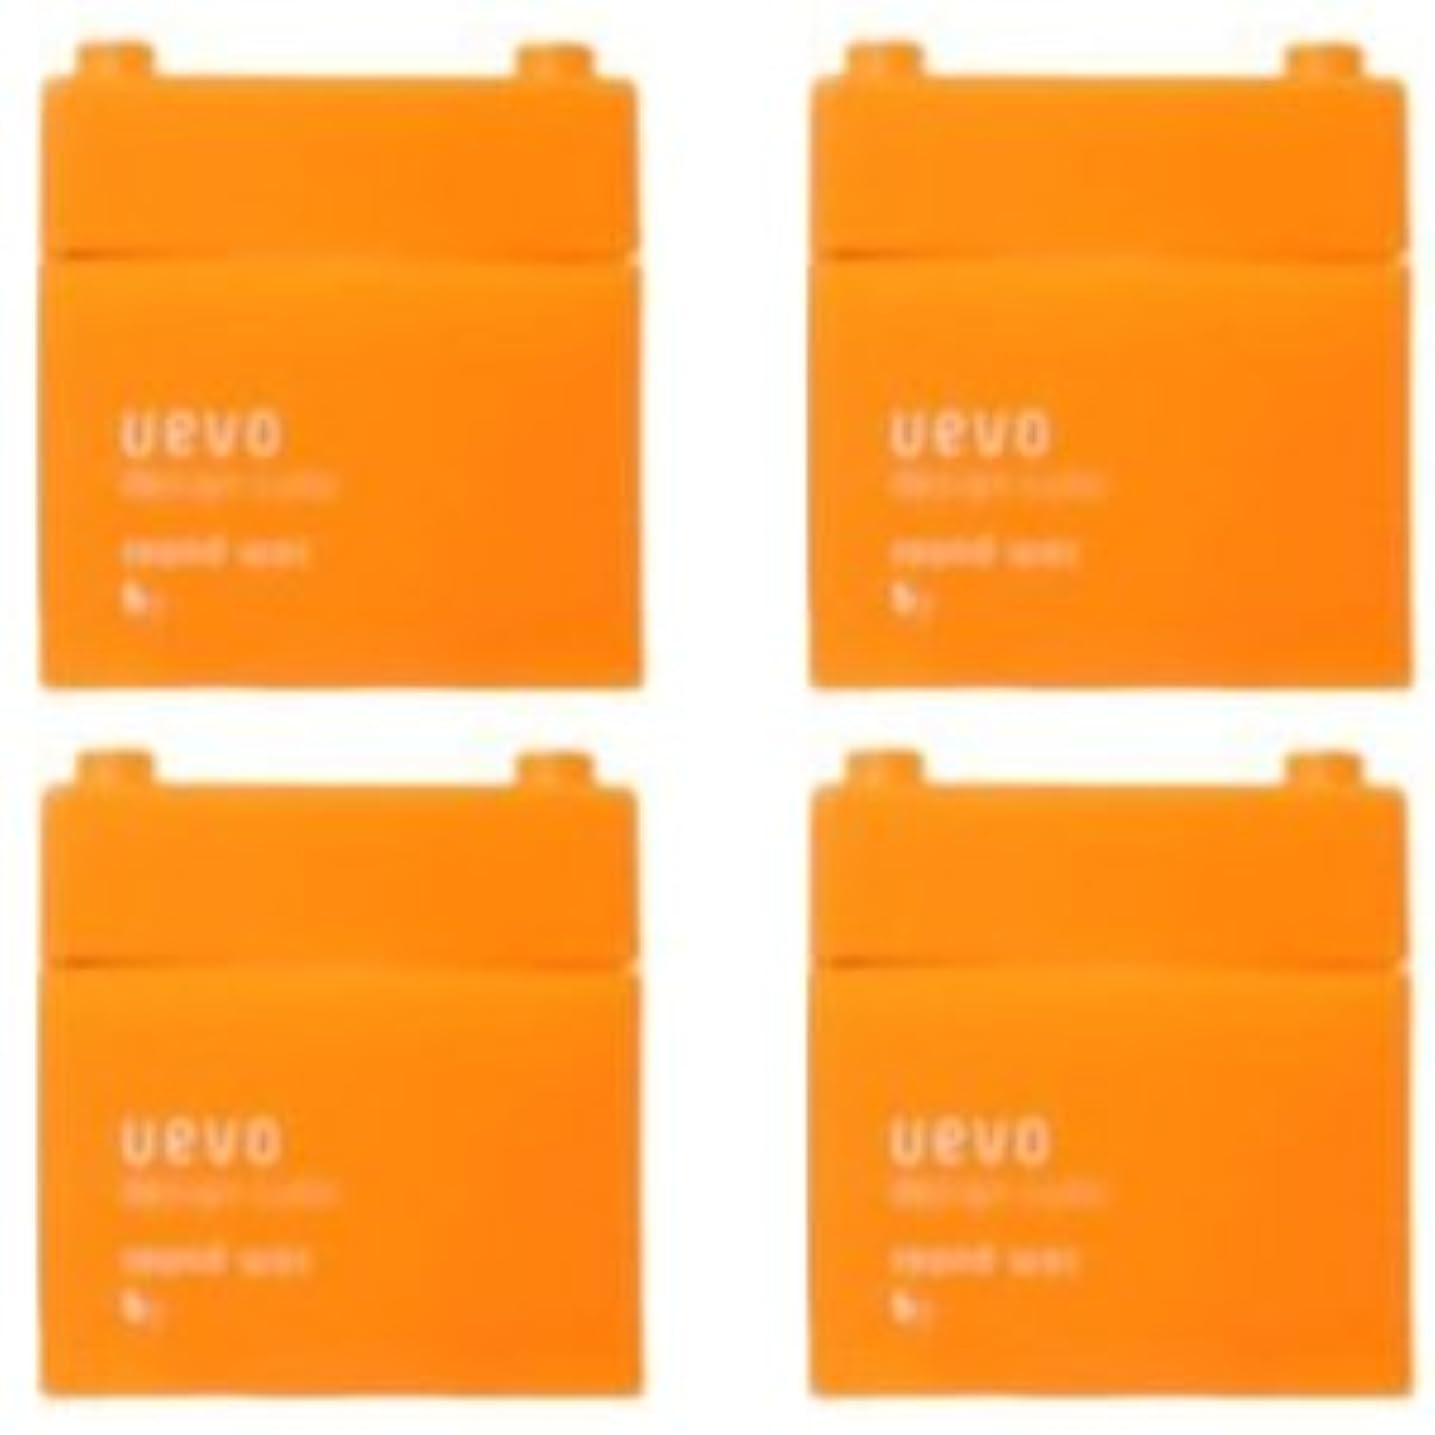 ガードどこでもどうやら【X4個セット】 デミ ウェーボ デザインキューブ ラウンドワックス 80g round wax DEMI uevo design cube